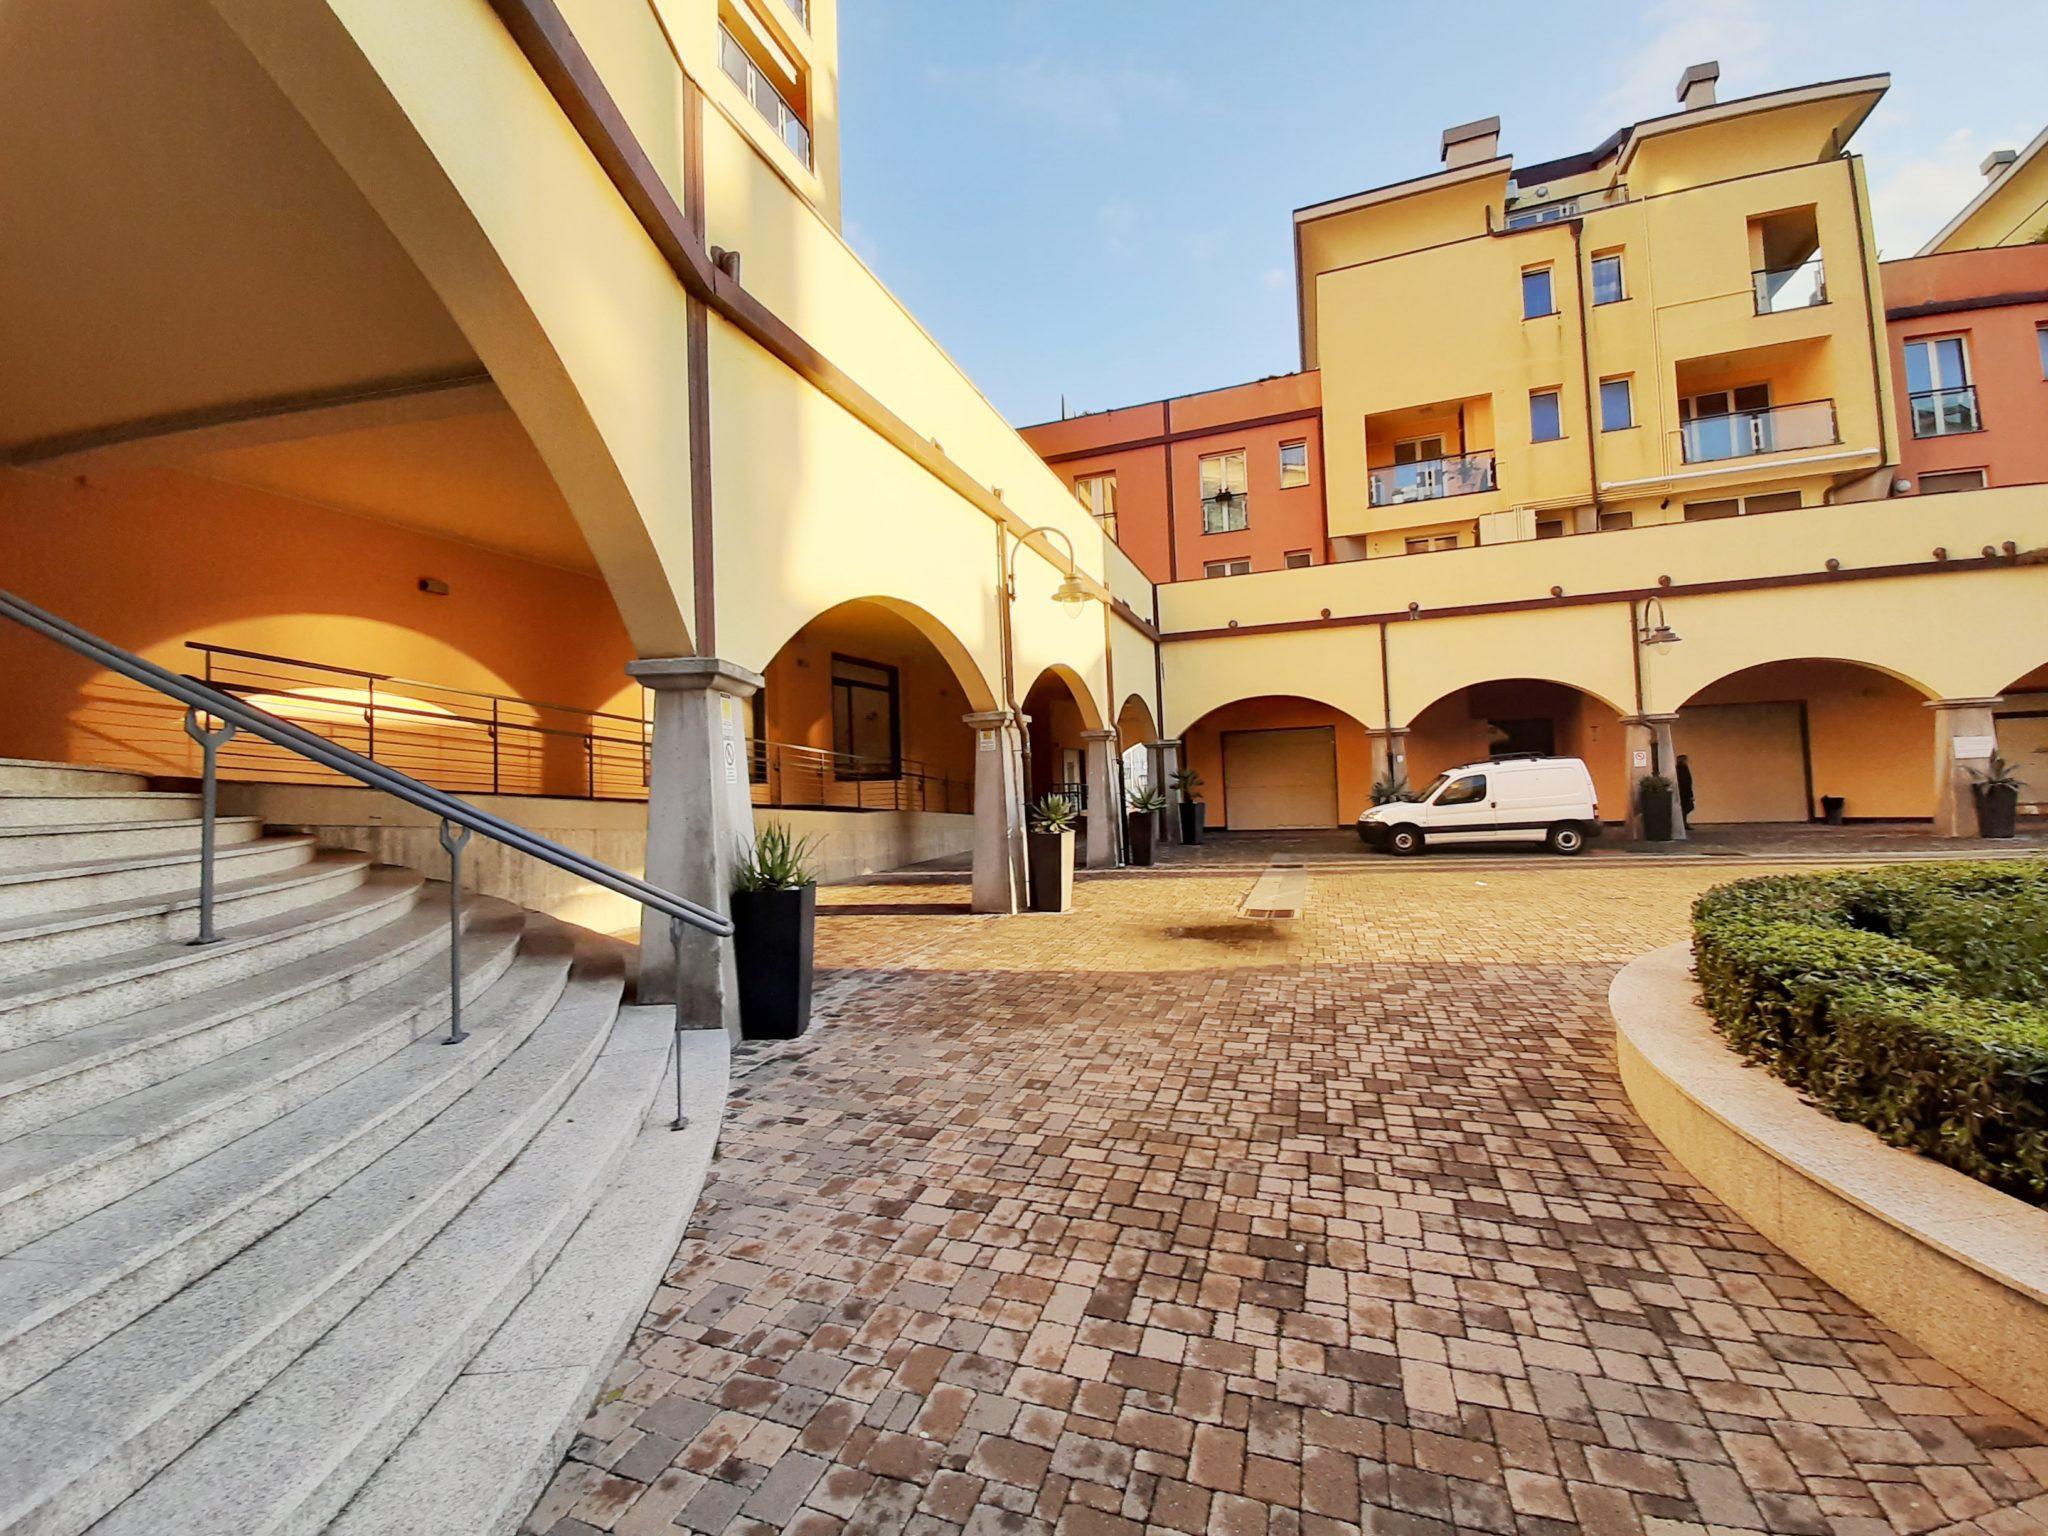 SESTRI PONENTE (BORGO ALLA MARINA) A 200 mt. da Via Sestri affittiamo con contratto transitorio 12 MESI ampio bilocale